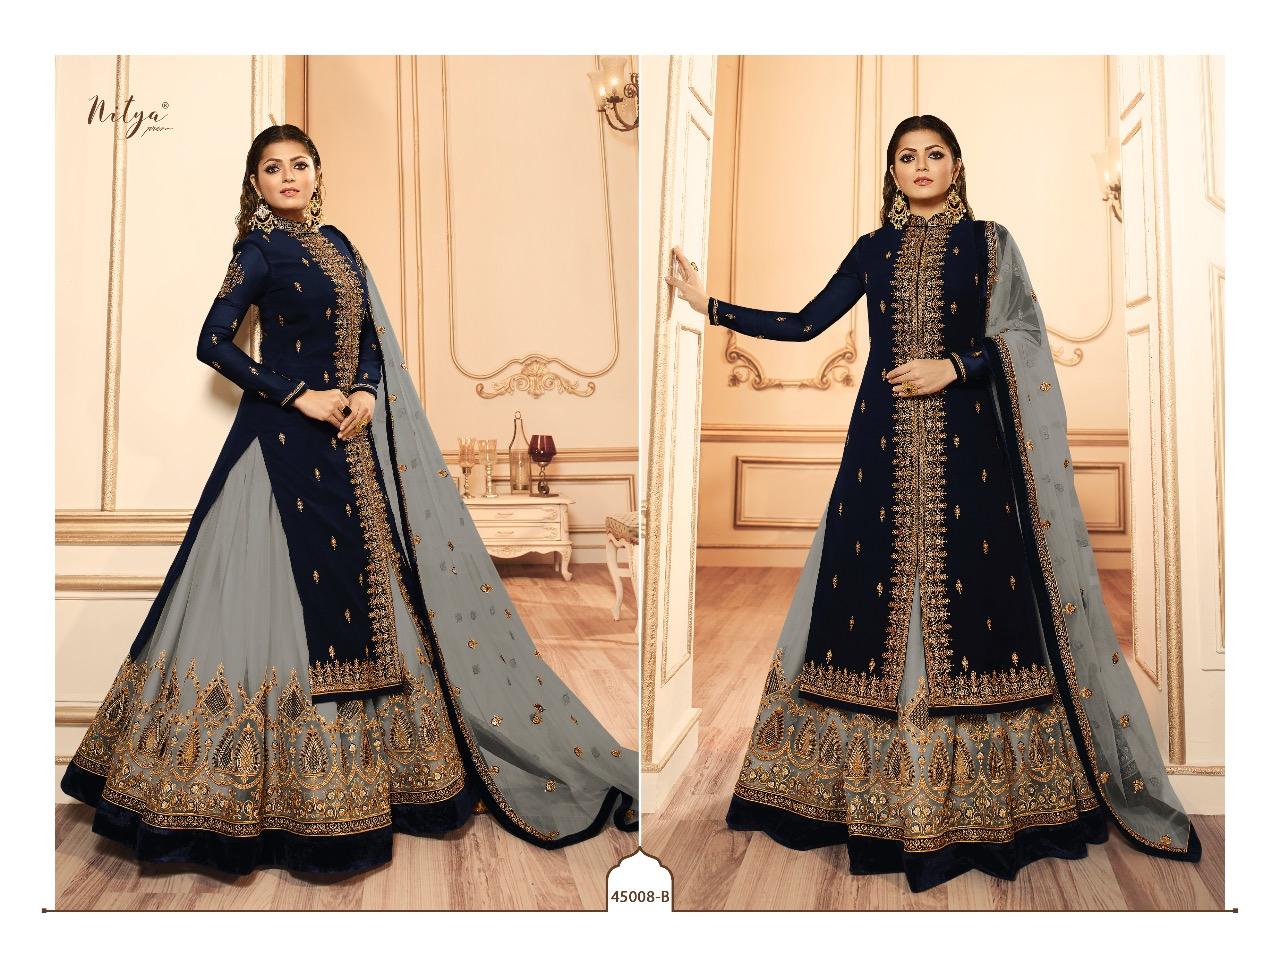 Lt Nitya 45008 Colours Designer Georgette Partywear & Wedding Wear  Lehenga In Best Wholesale Rate